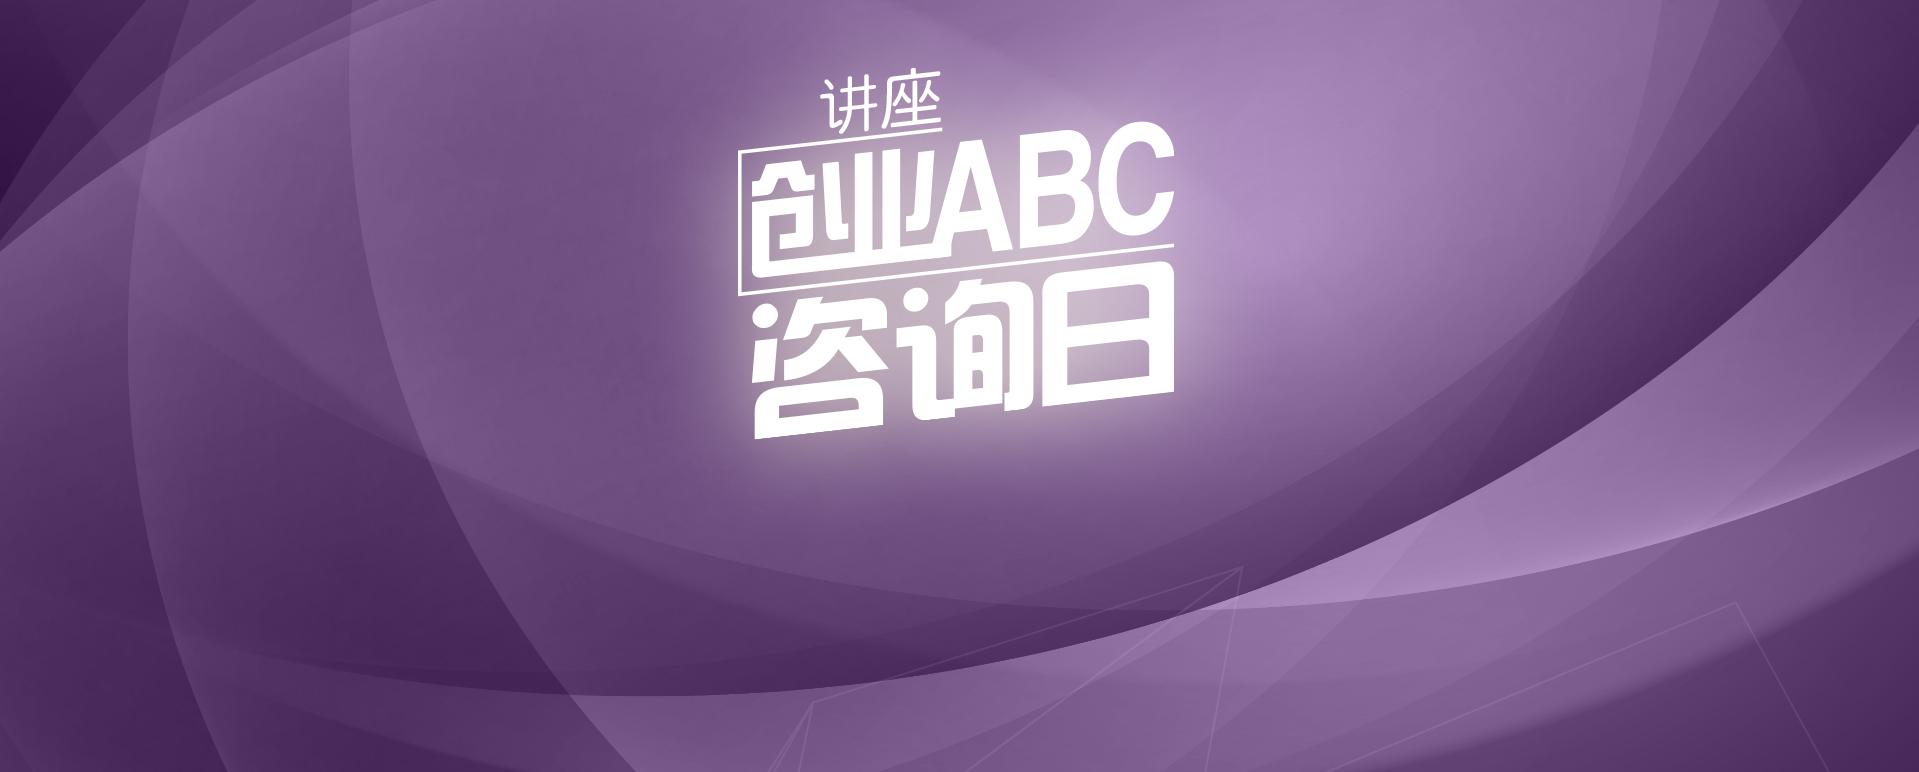 创业ABC第147期咨询日 - 创业ABC咨询日 - 创业活动 - 创业工坊-东北创业领航者